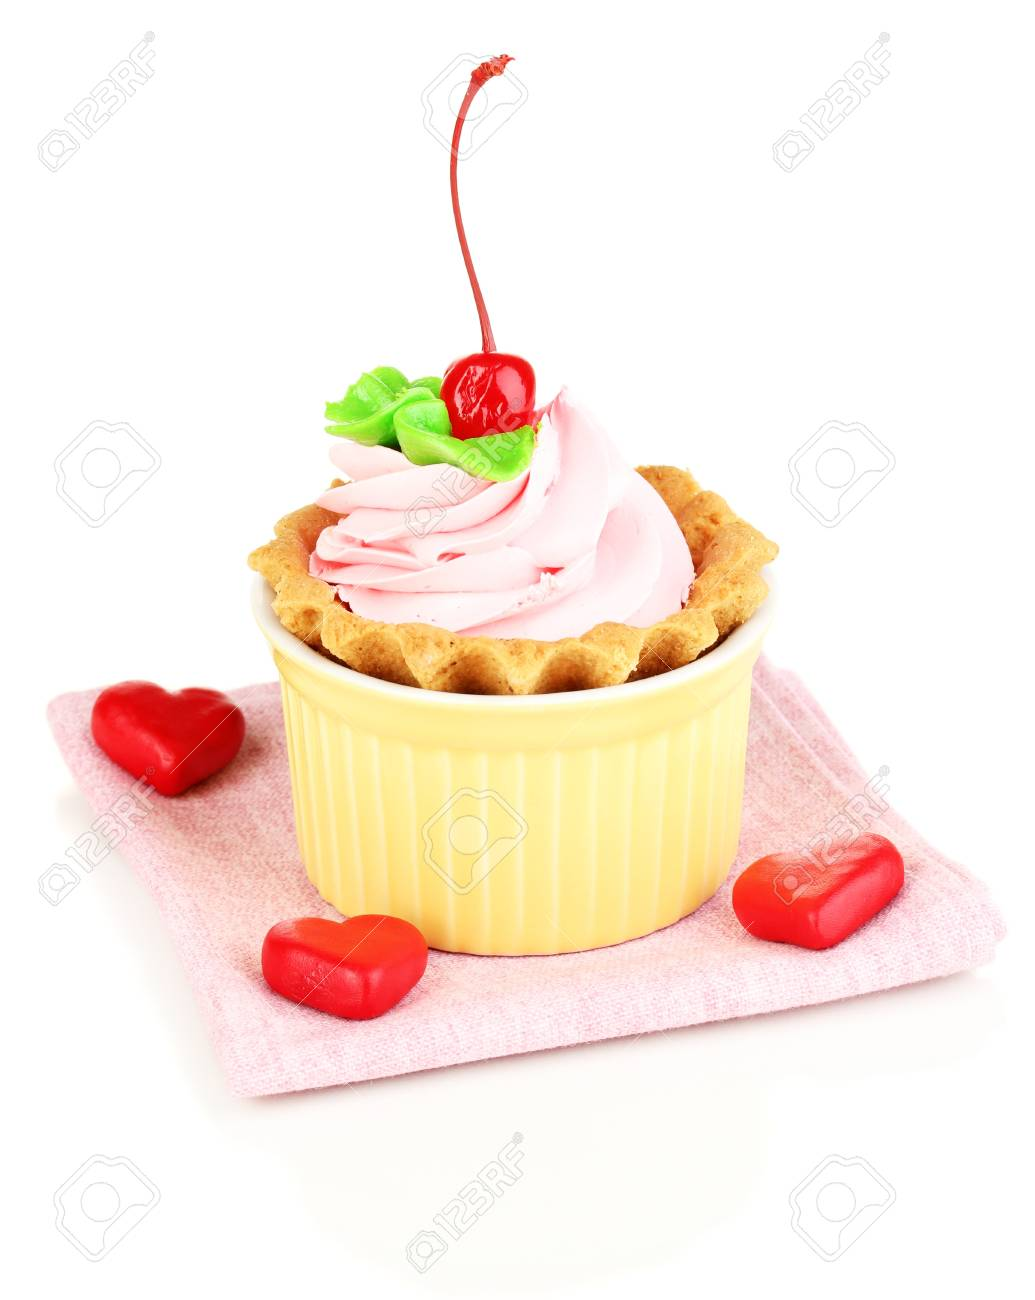 Kuchen Mit Kirschen In Schale Zum Backen Isoliert Auf Weiss